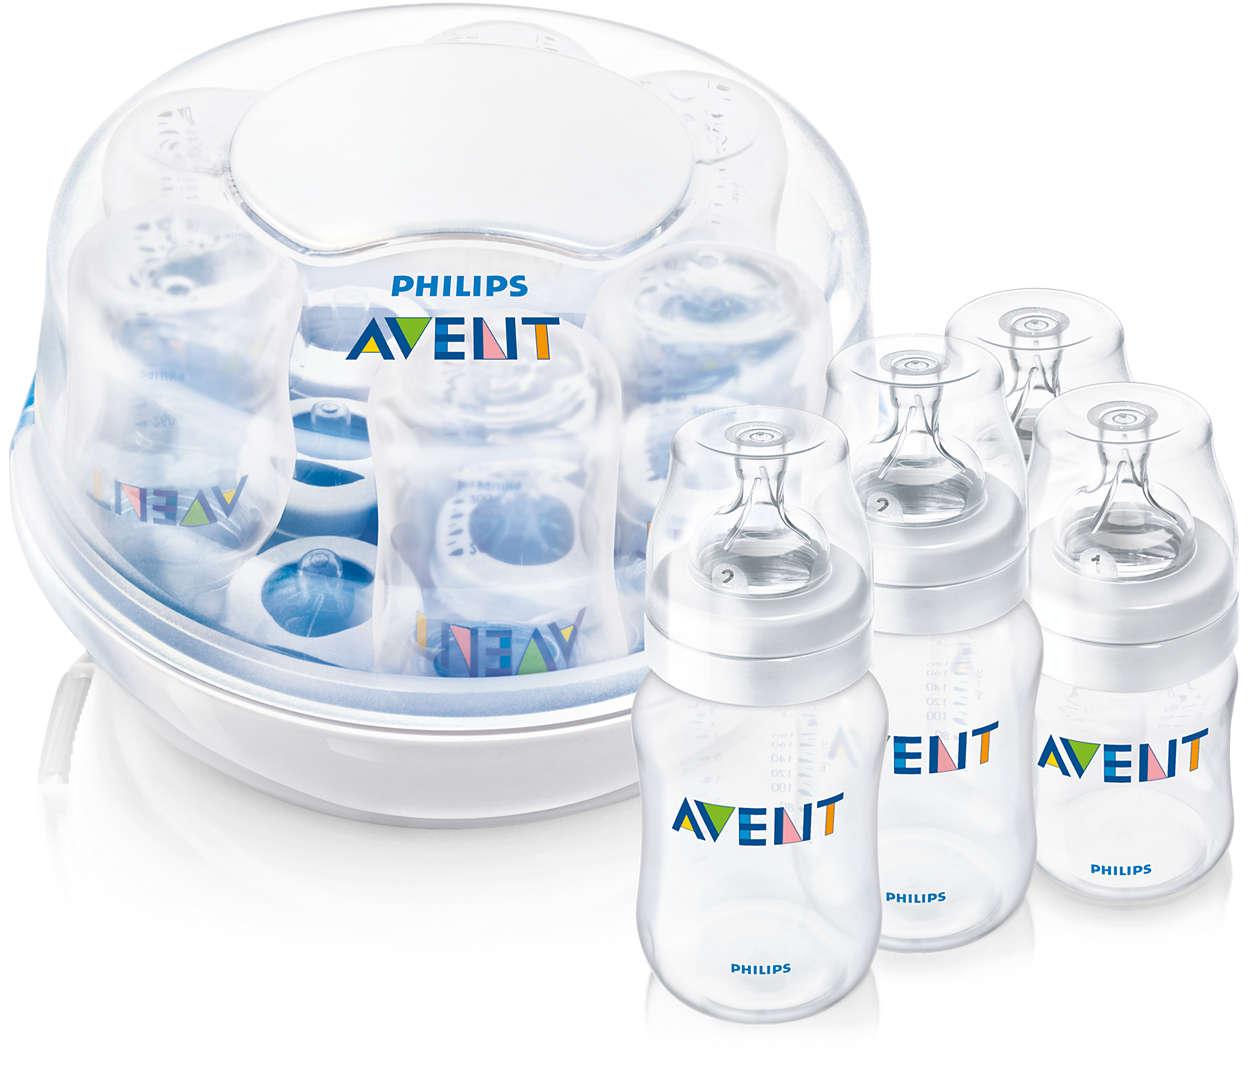 Steriliseert 6 flessen in 2 minuten*